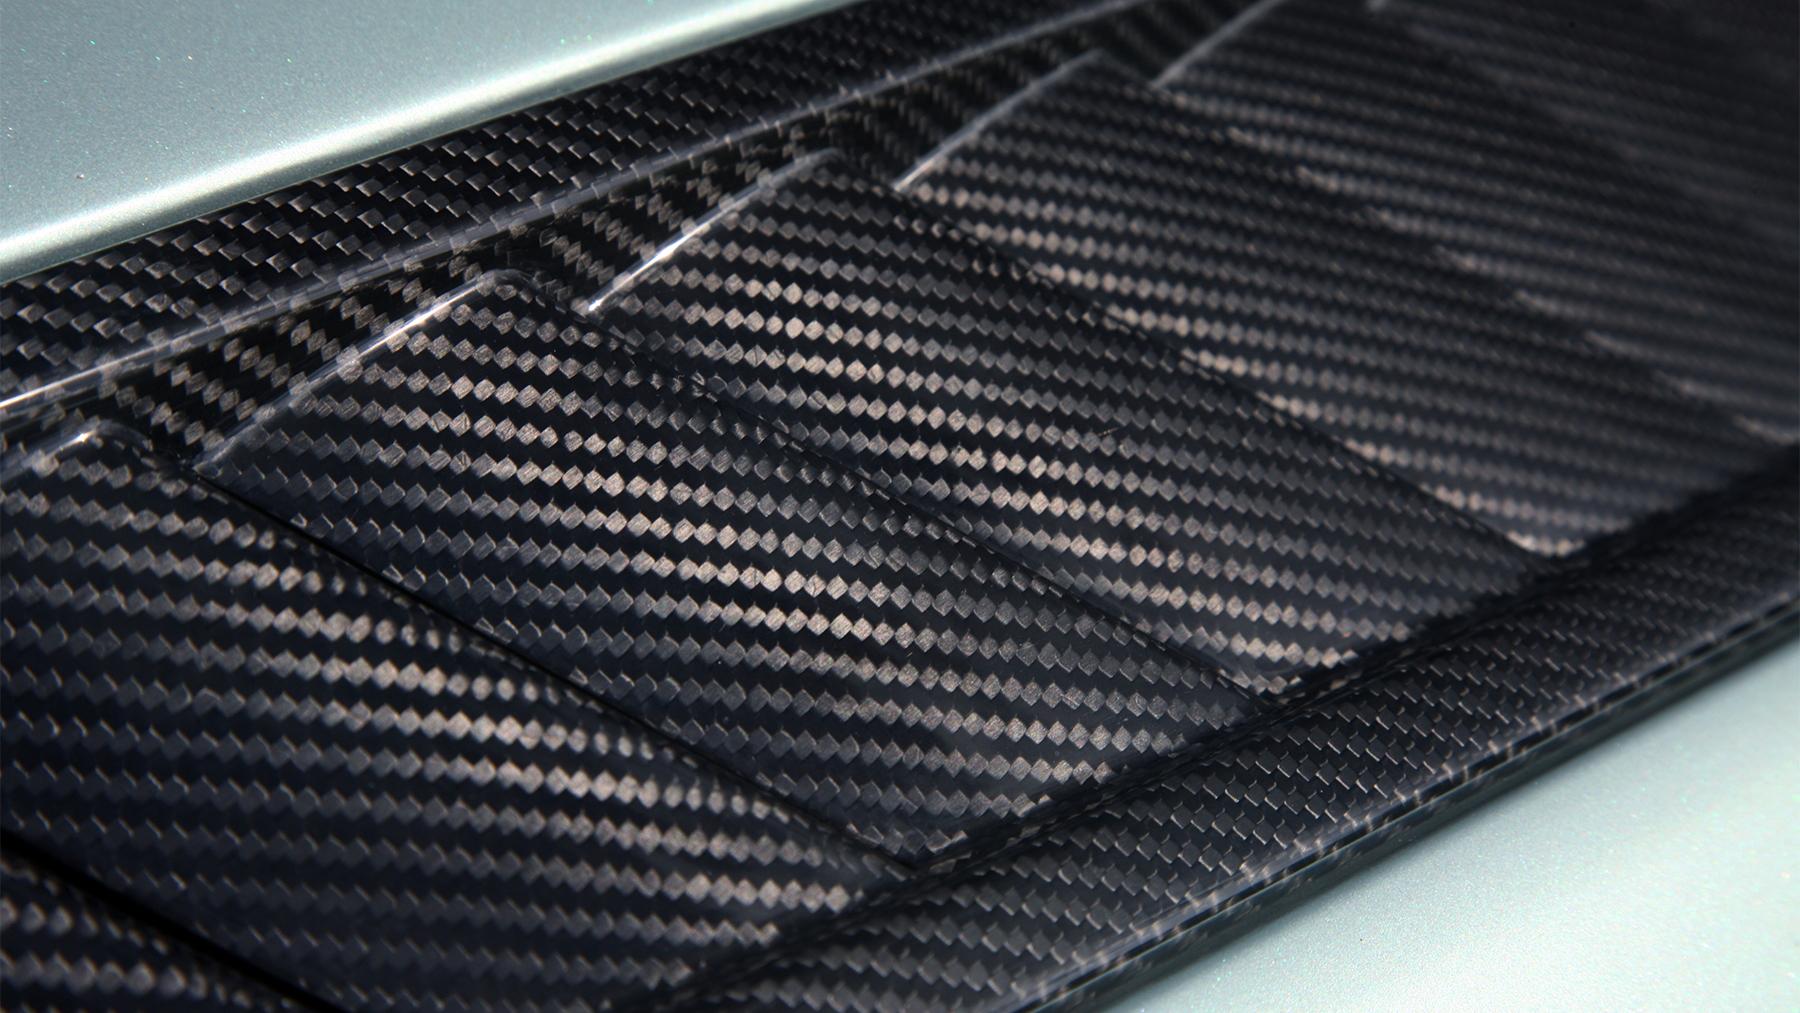 2010 aston martin v12 vantage july 2009 001